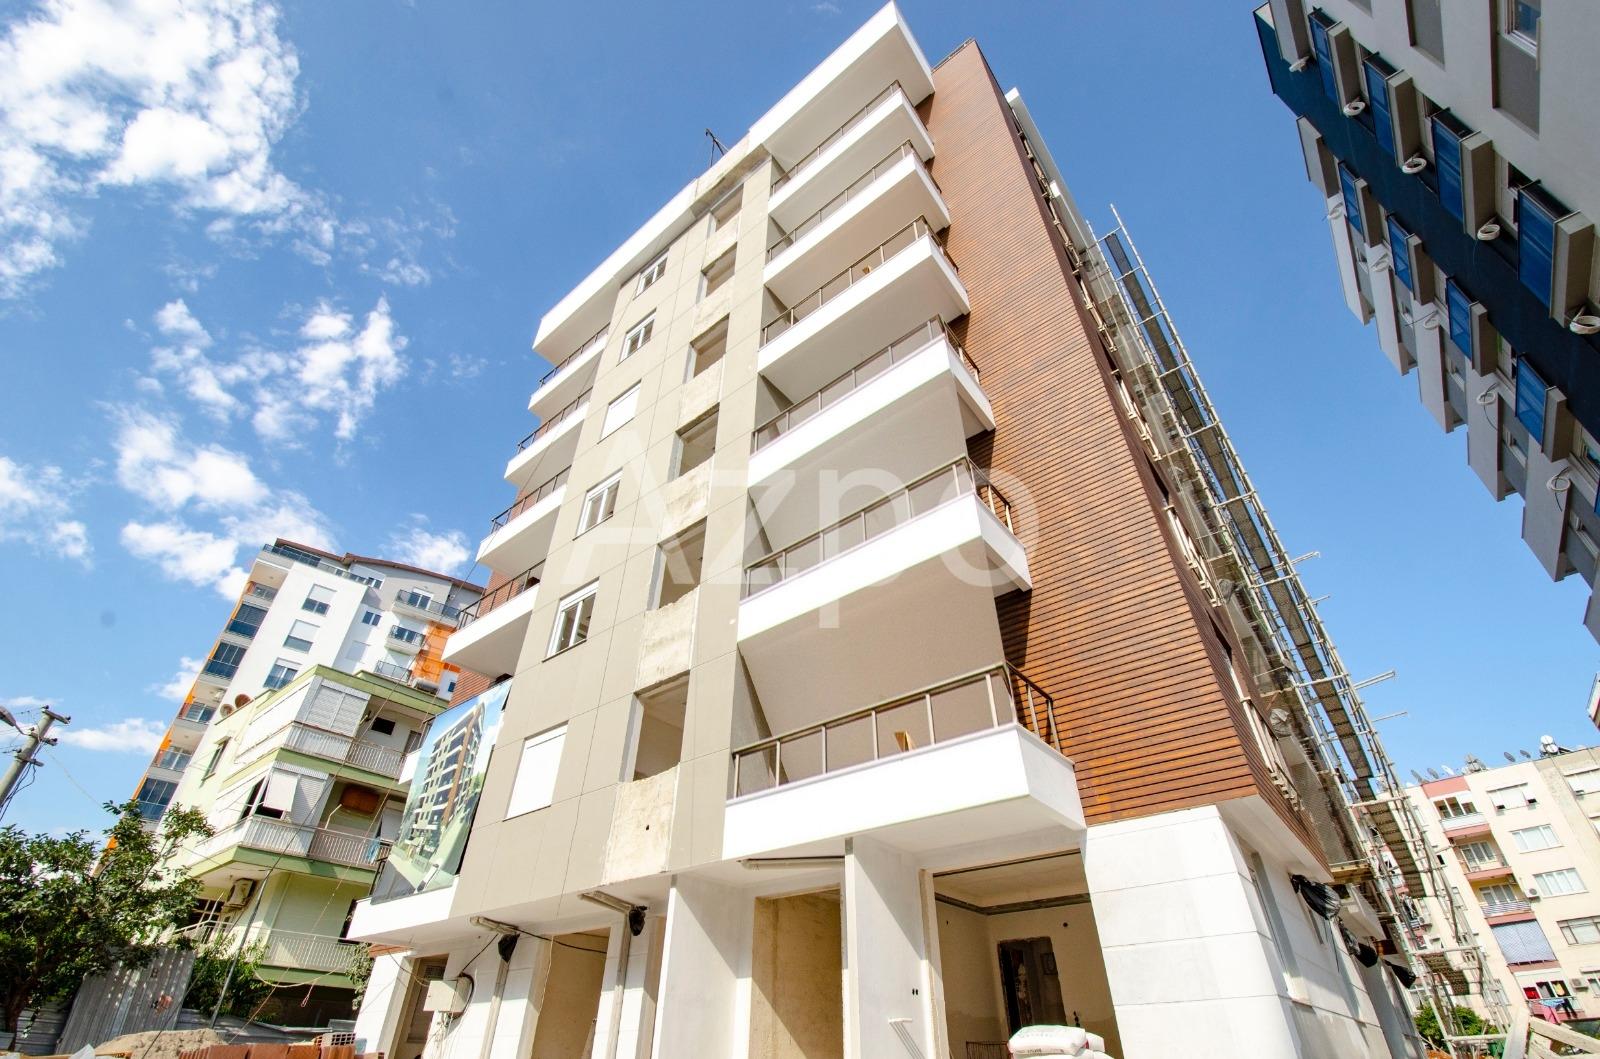 Квартиры 2+1 и 4+1 в районе Муратпаша - Фото 2